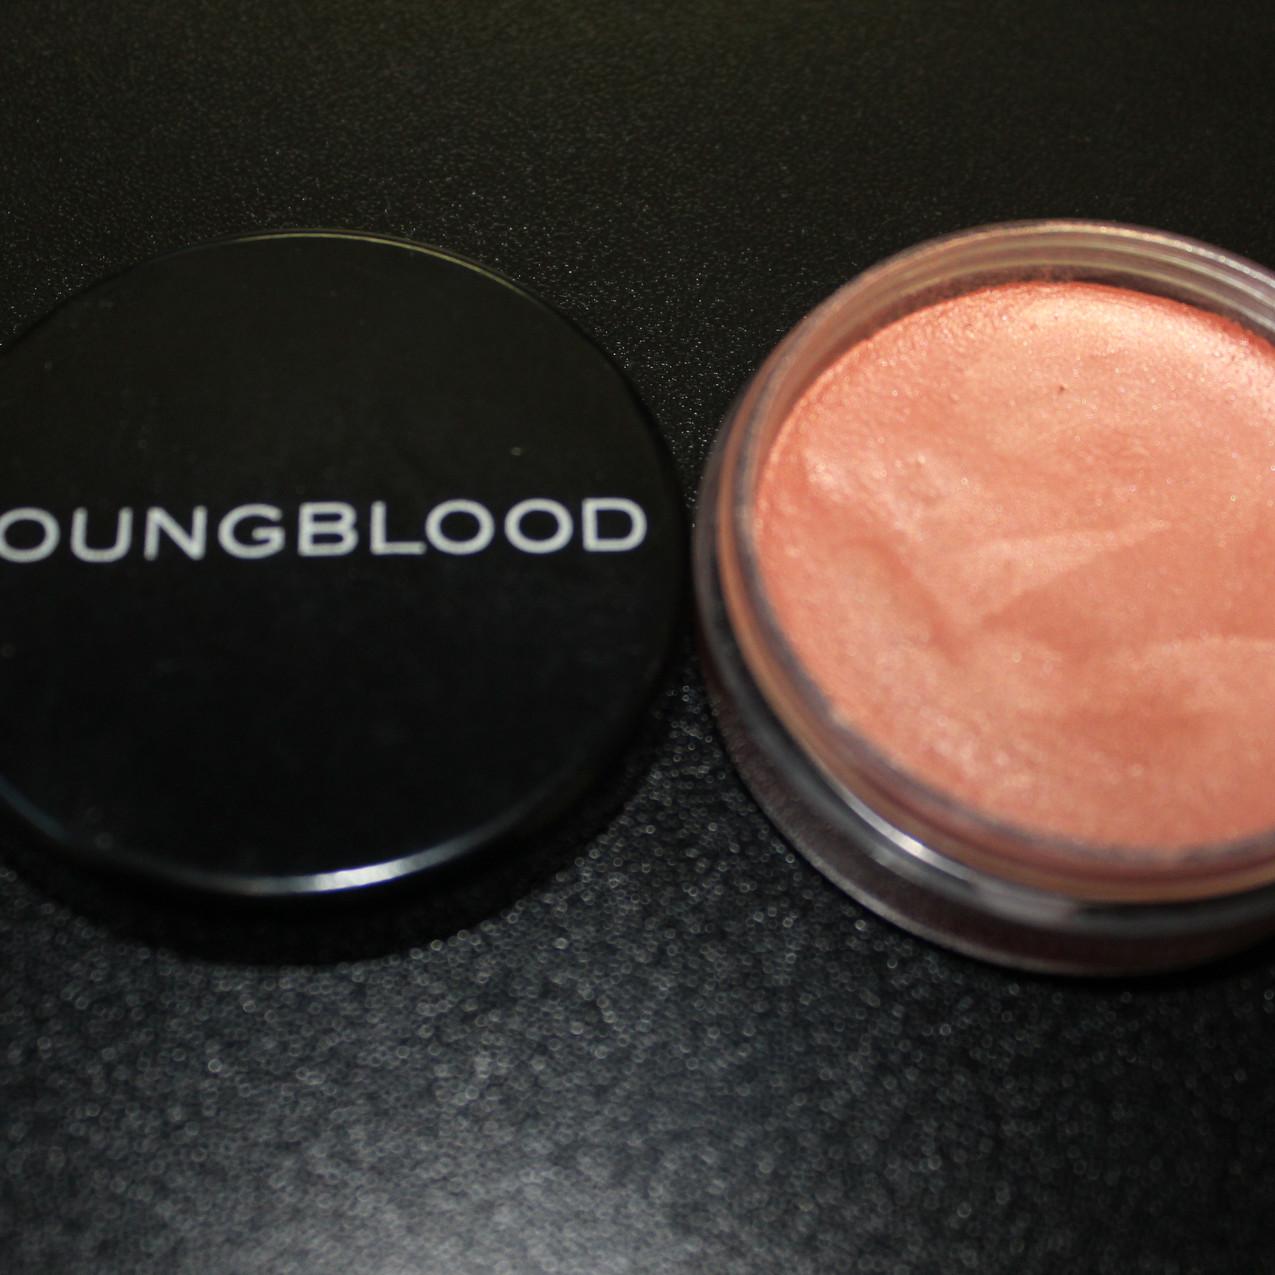 Creme Blush and Eyeshadow